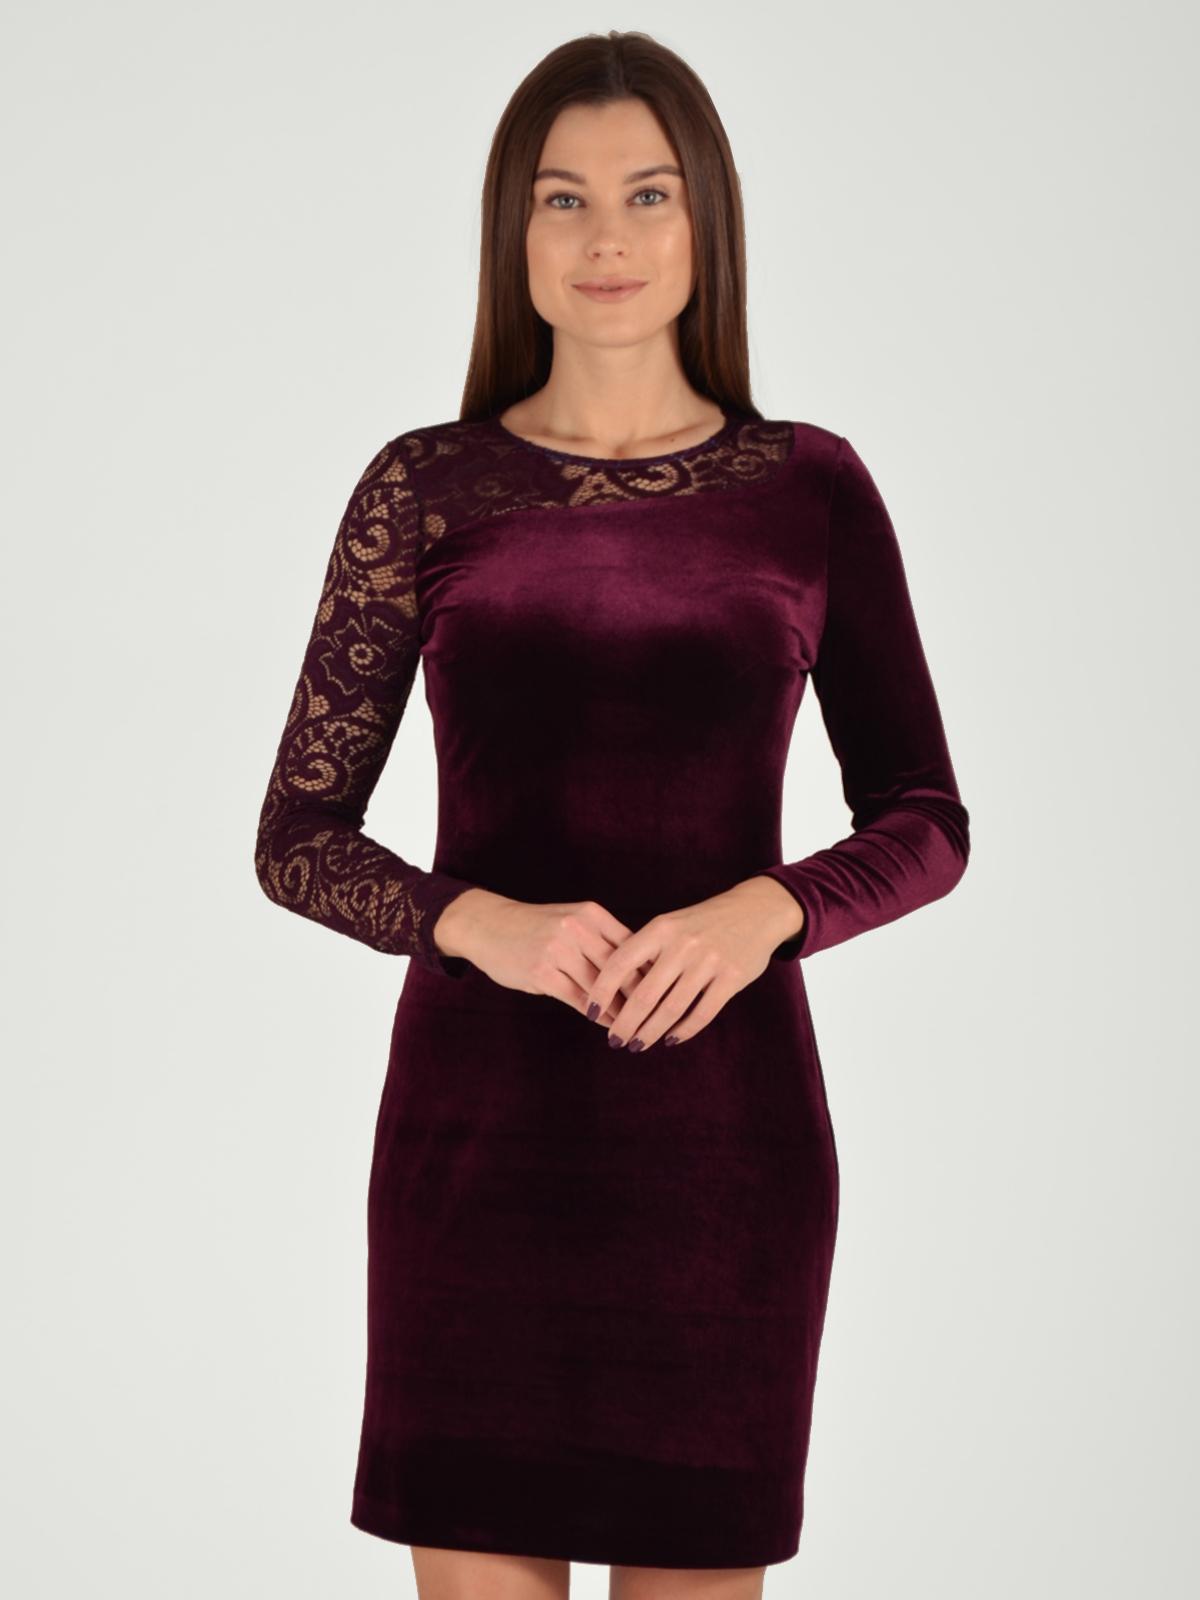 Фото #1: Платье женское из текстиля